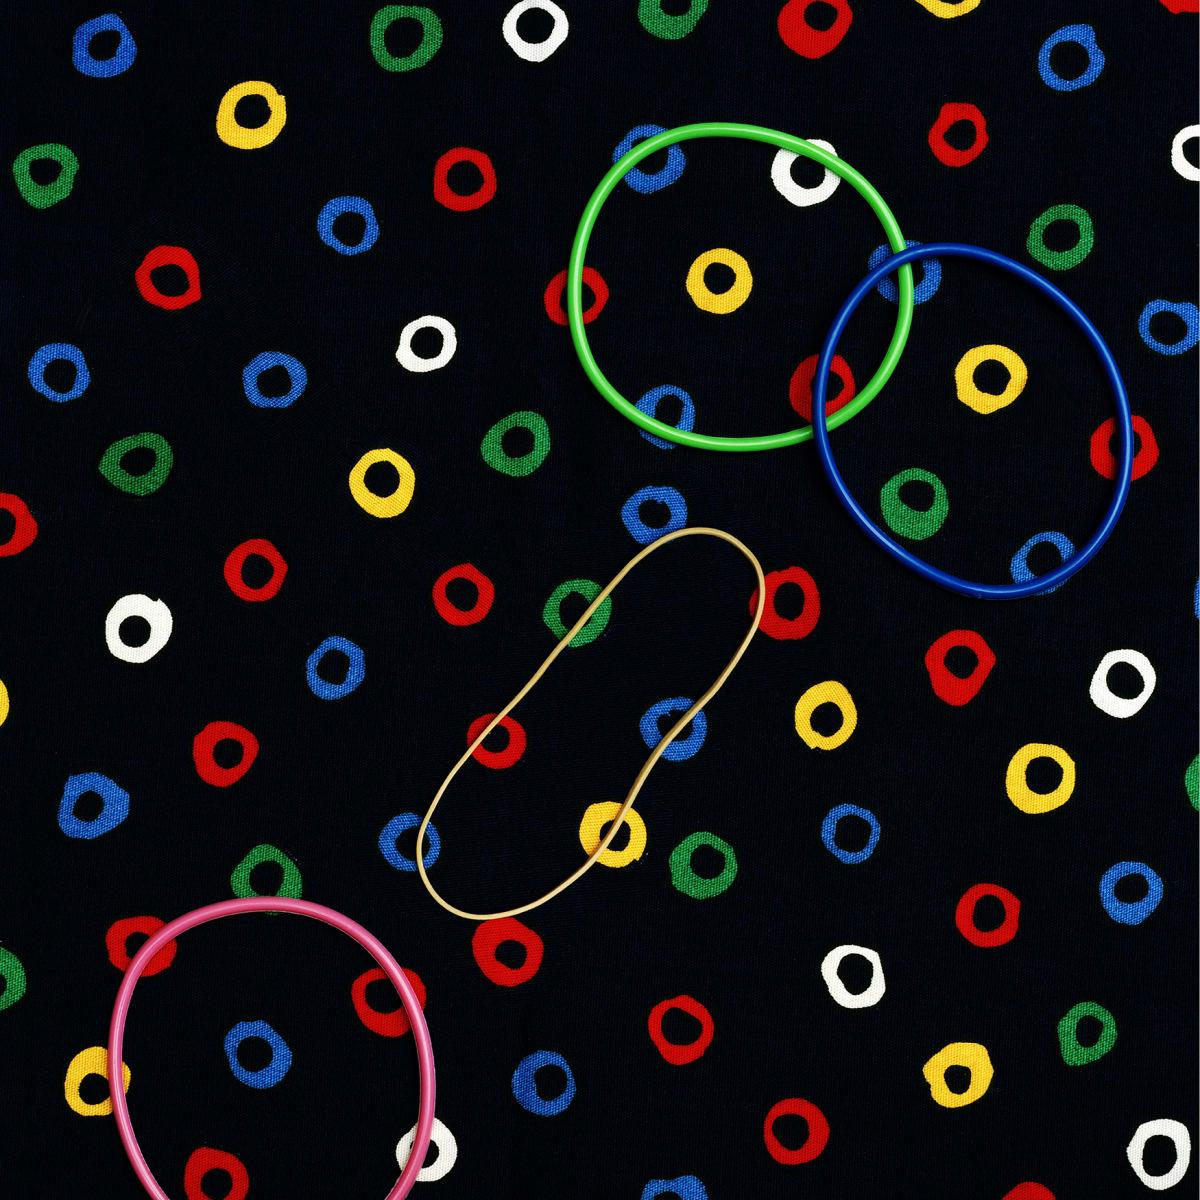 Ring Pop by Rolando Sepulveda